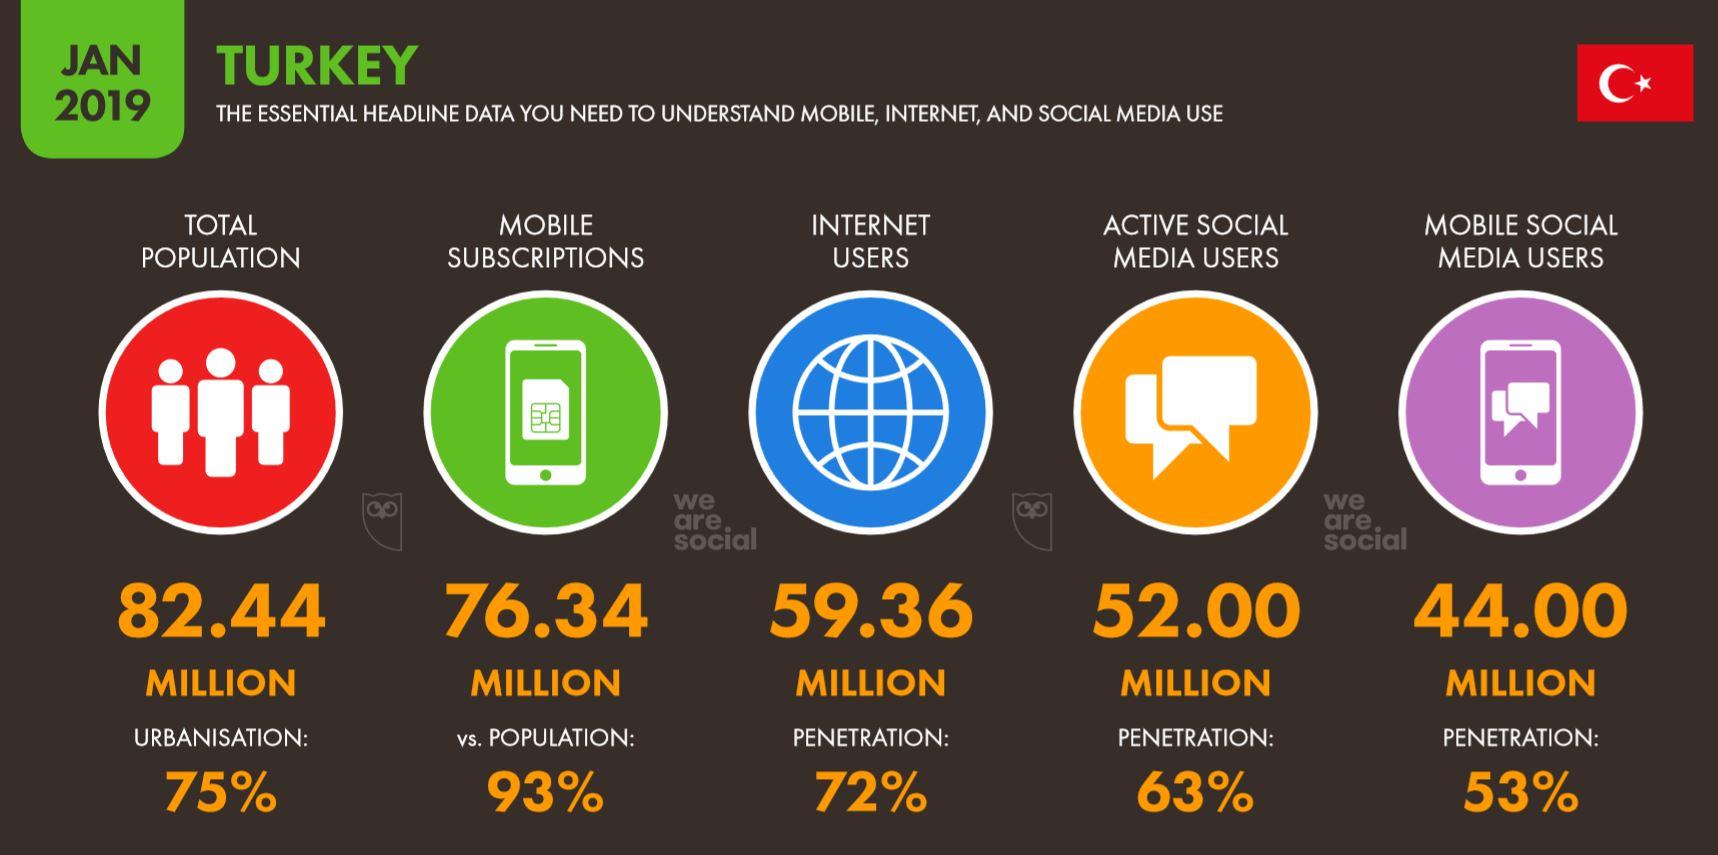 We Are Social 2019 Türkiye İnternet, Sosyal Medya ve Mobil Kullanıcı İstatistikleri